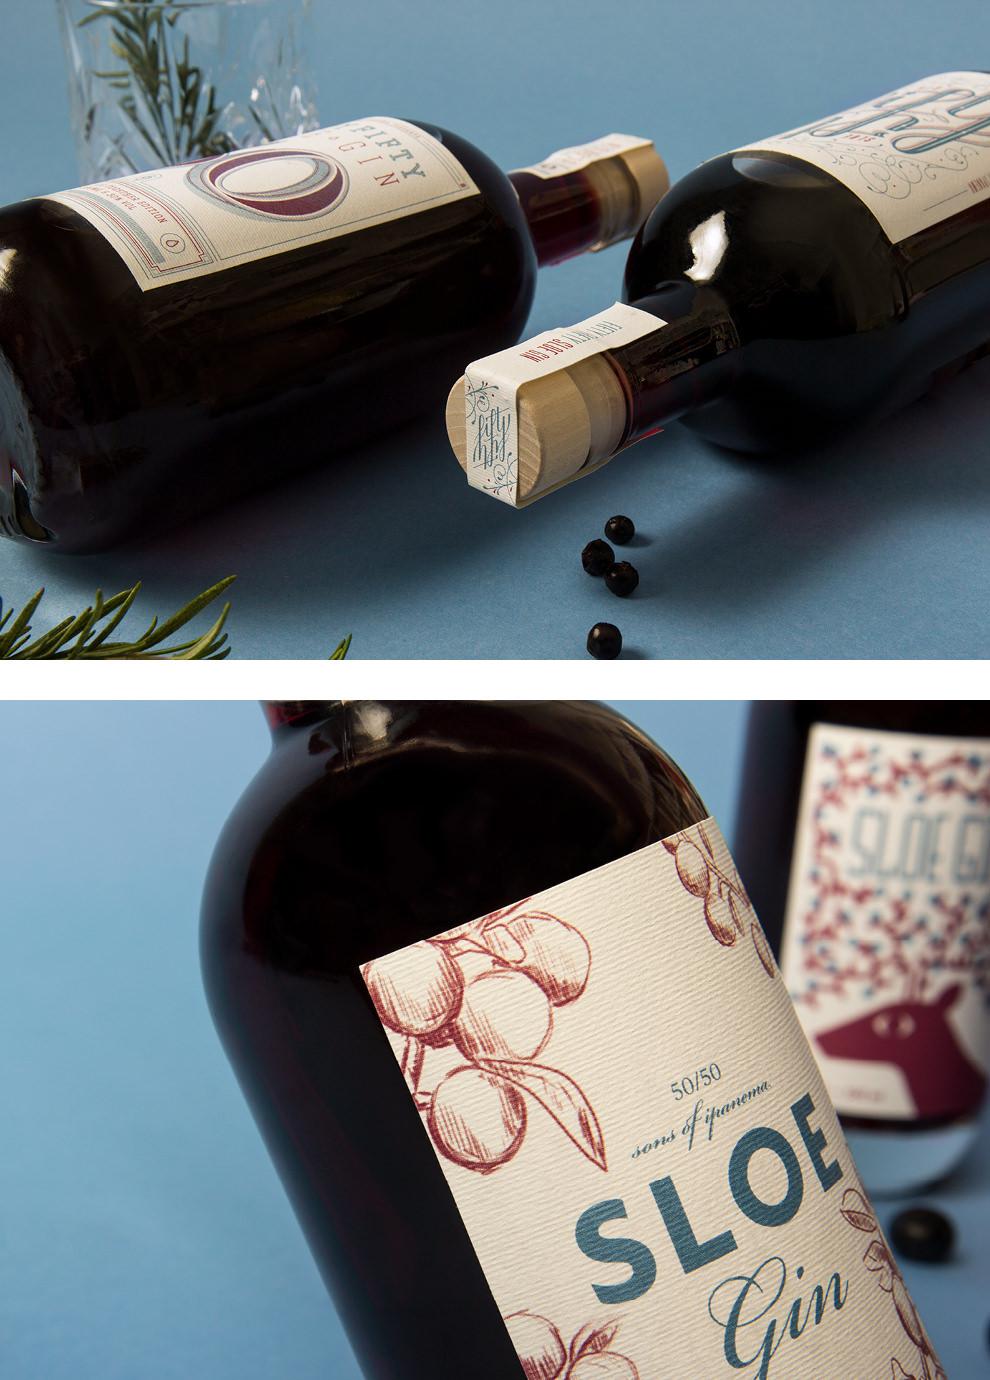 Das Designbüro sons of ipanema aus Köln hat im Rahmen von Fifty Fifty Sloe Gin verkauft. Der Erlös wurde gespendet.